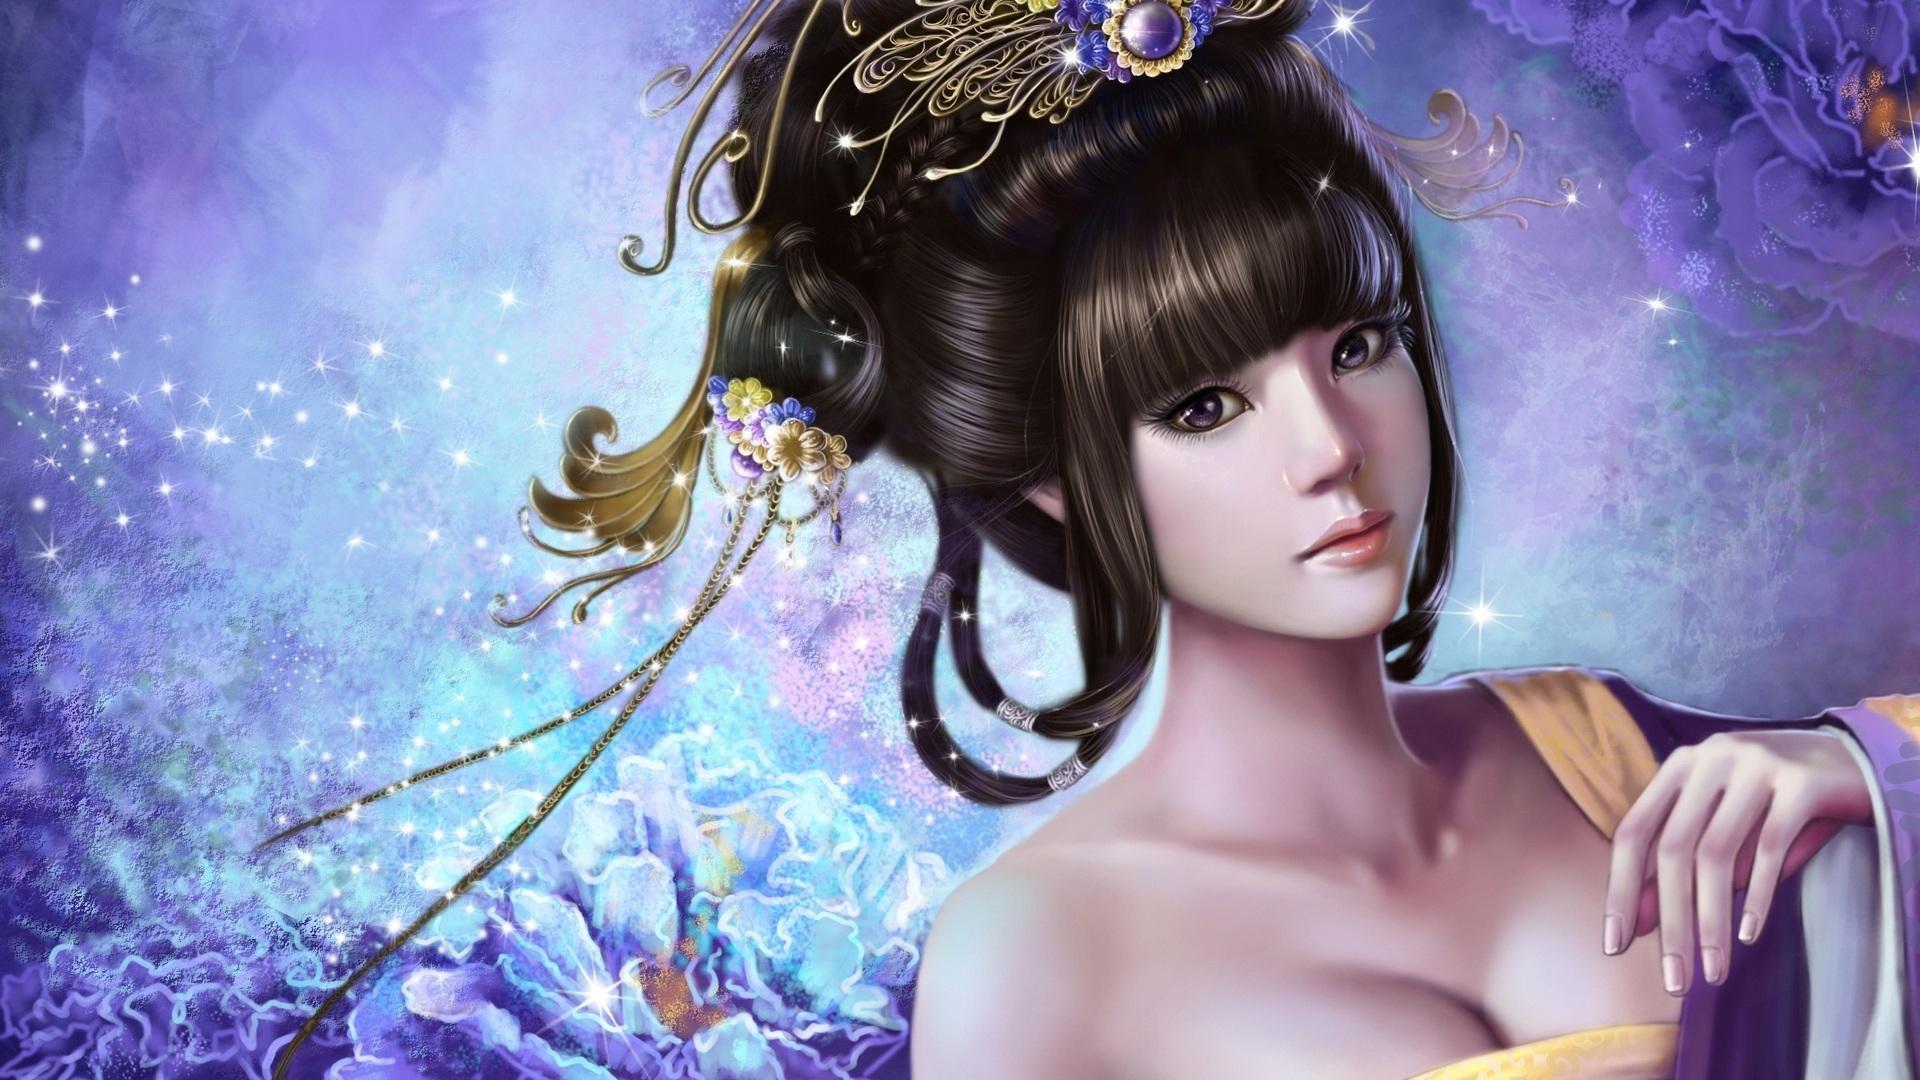 anime china girl hd wallpaper